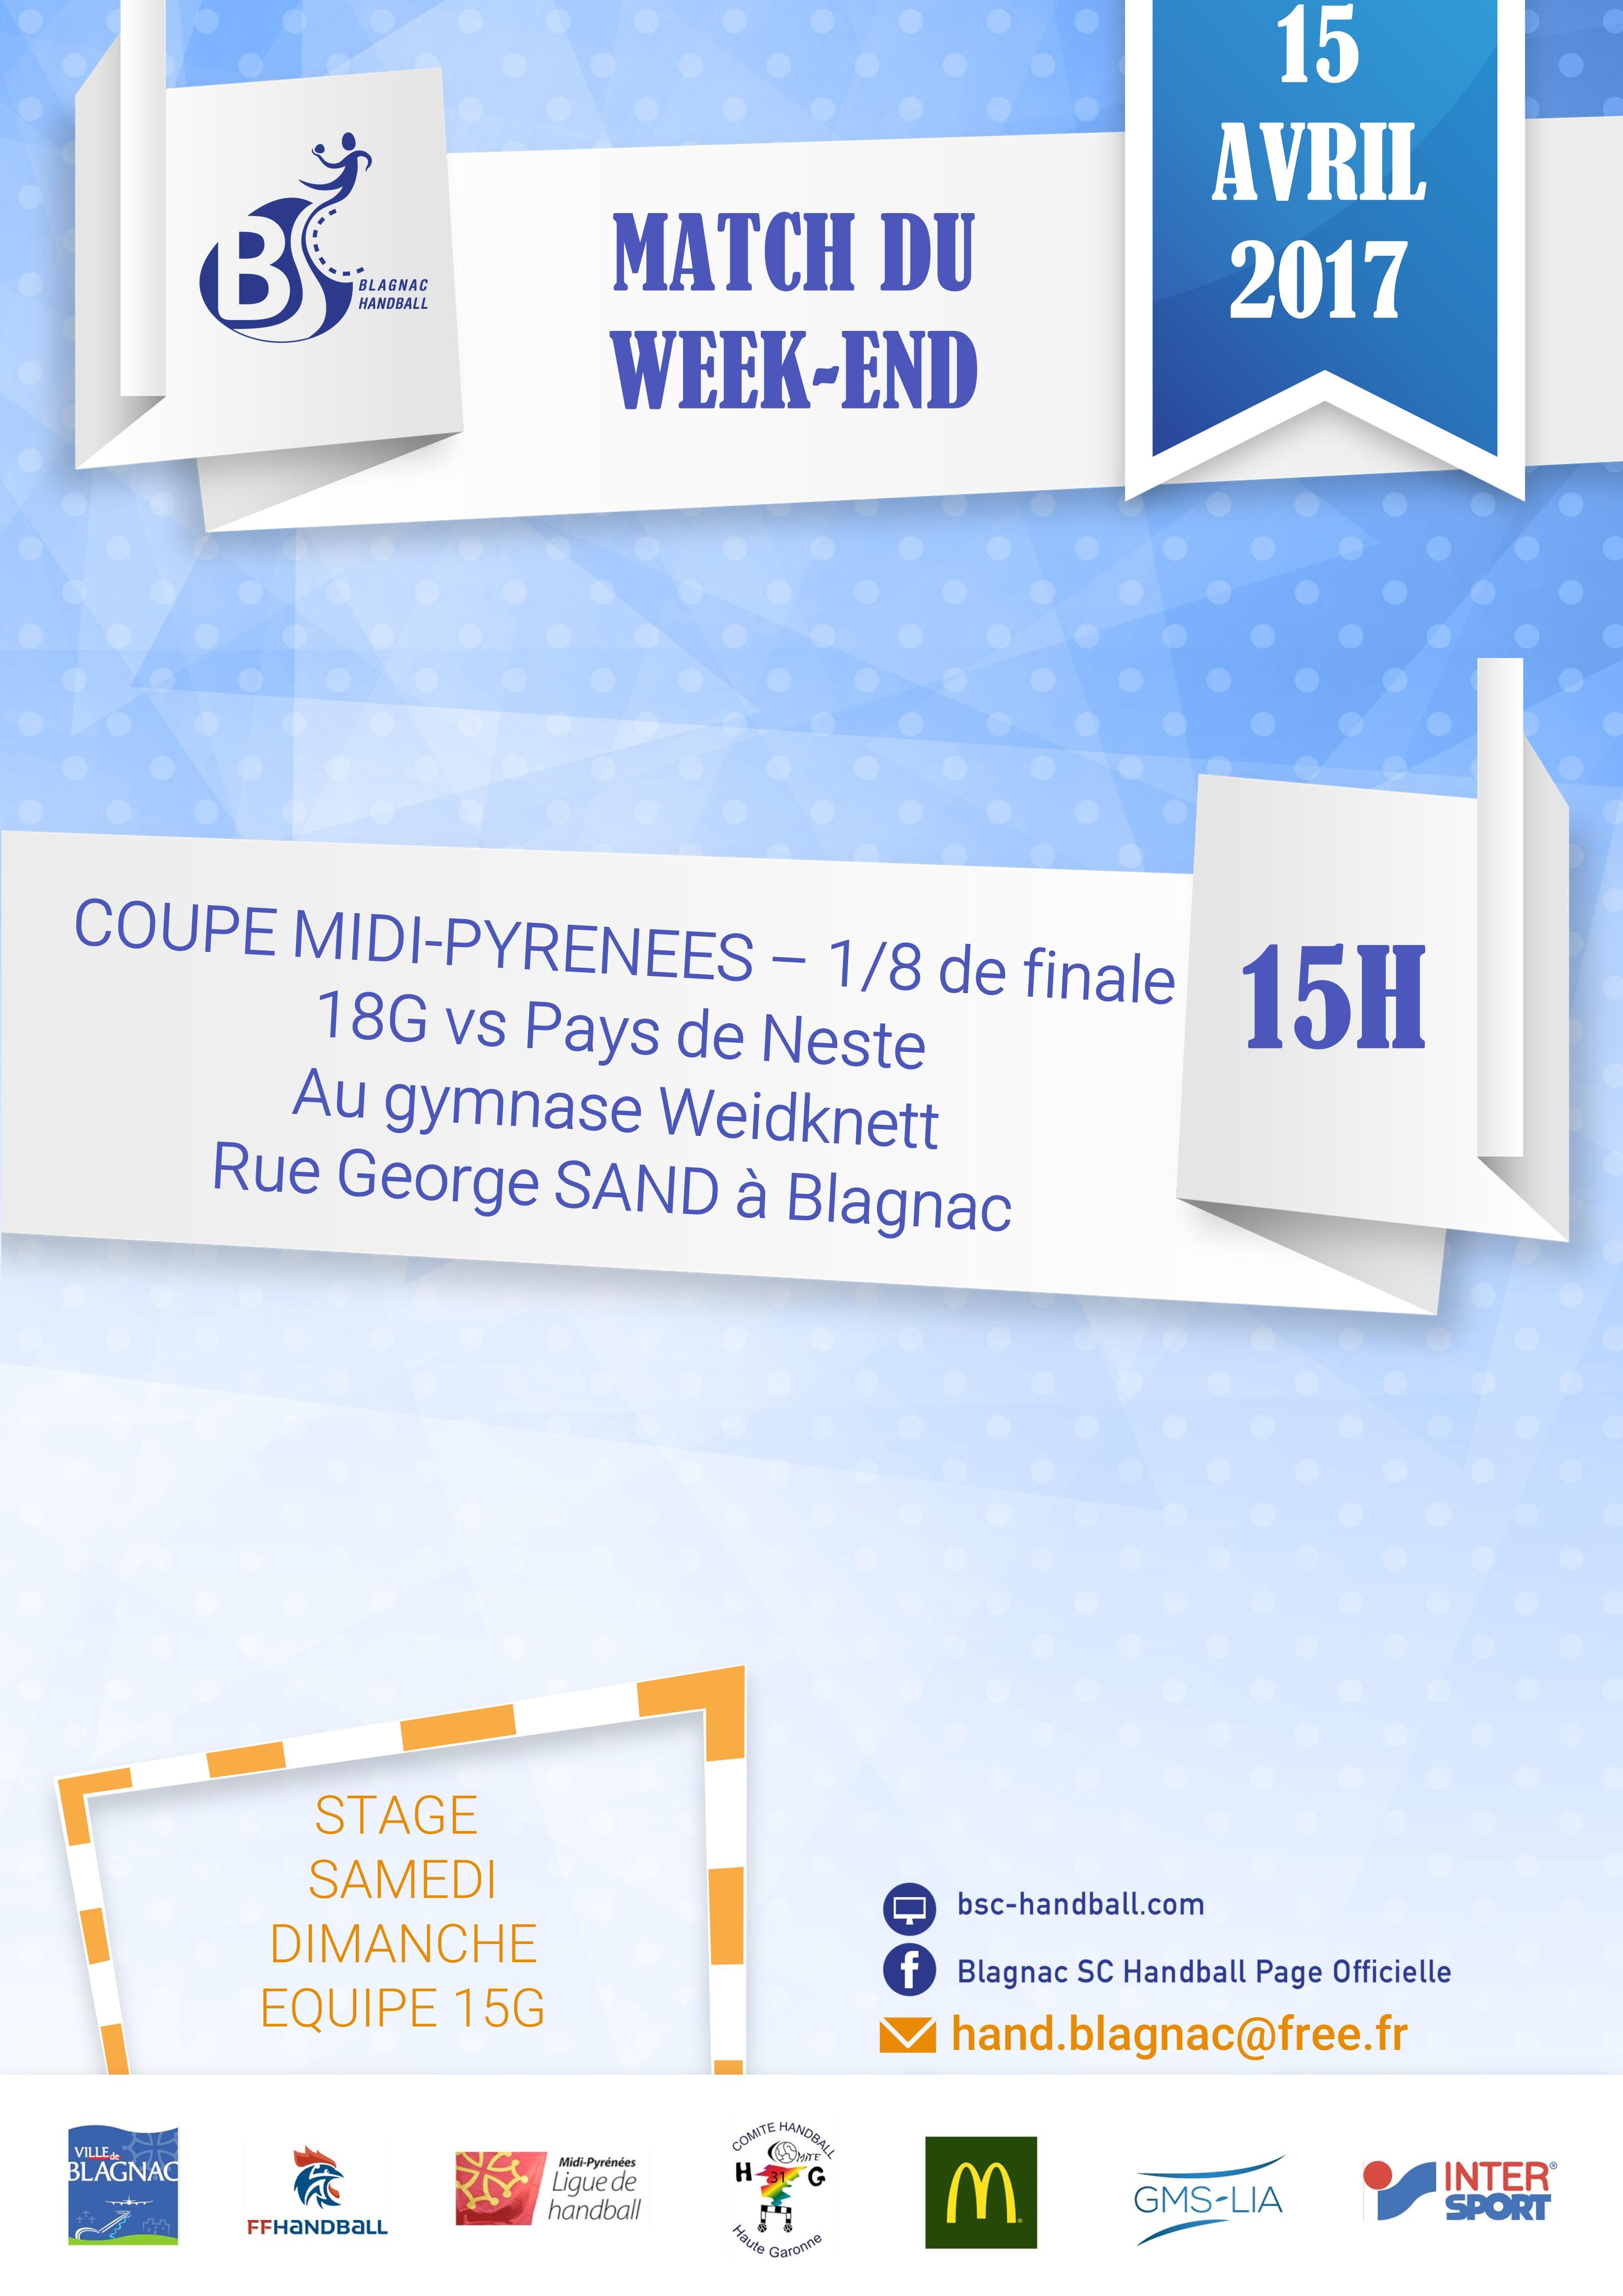 Match week end 15-04-17